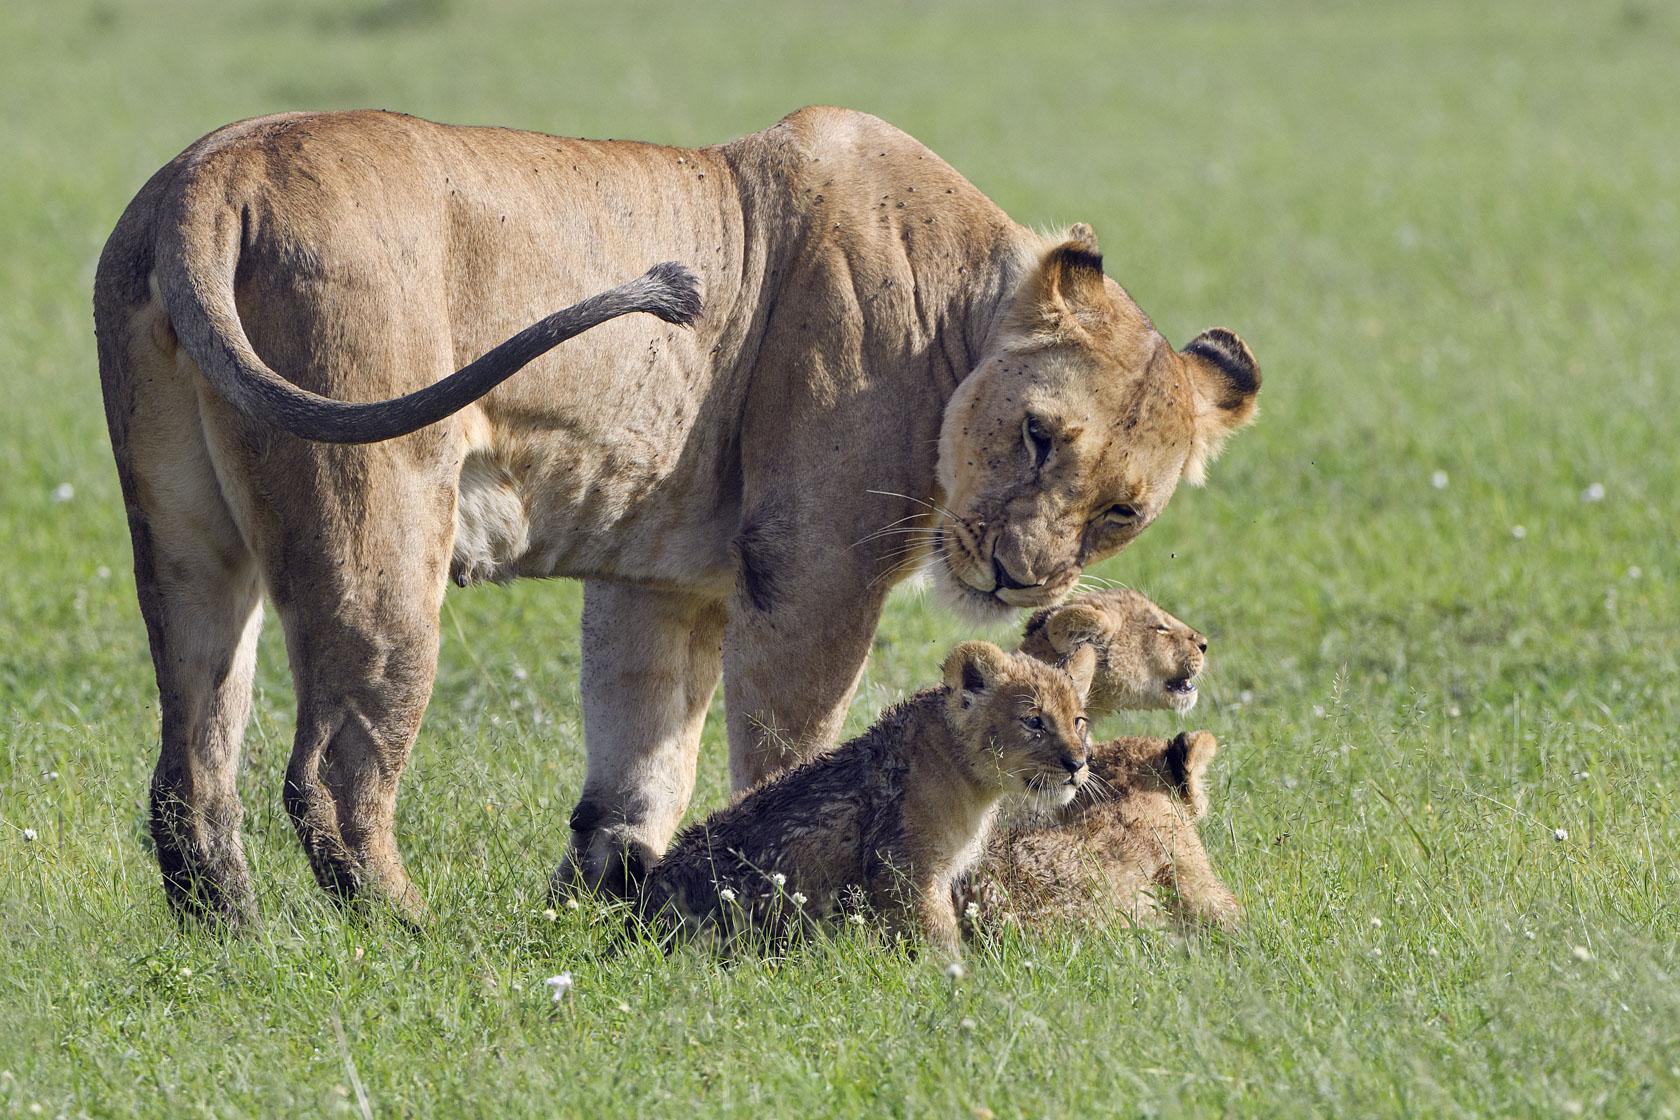 Die Löwin versucht ihre quirligen Babys beisammen und in ihrer Nähe zu halten, was ihr allerdings erst einmal nicht gelingt